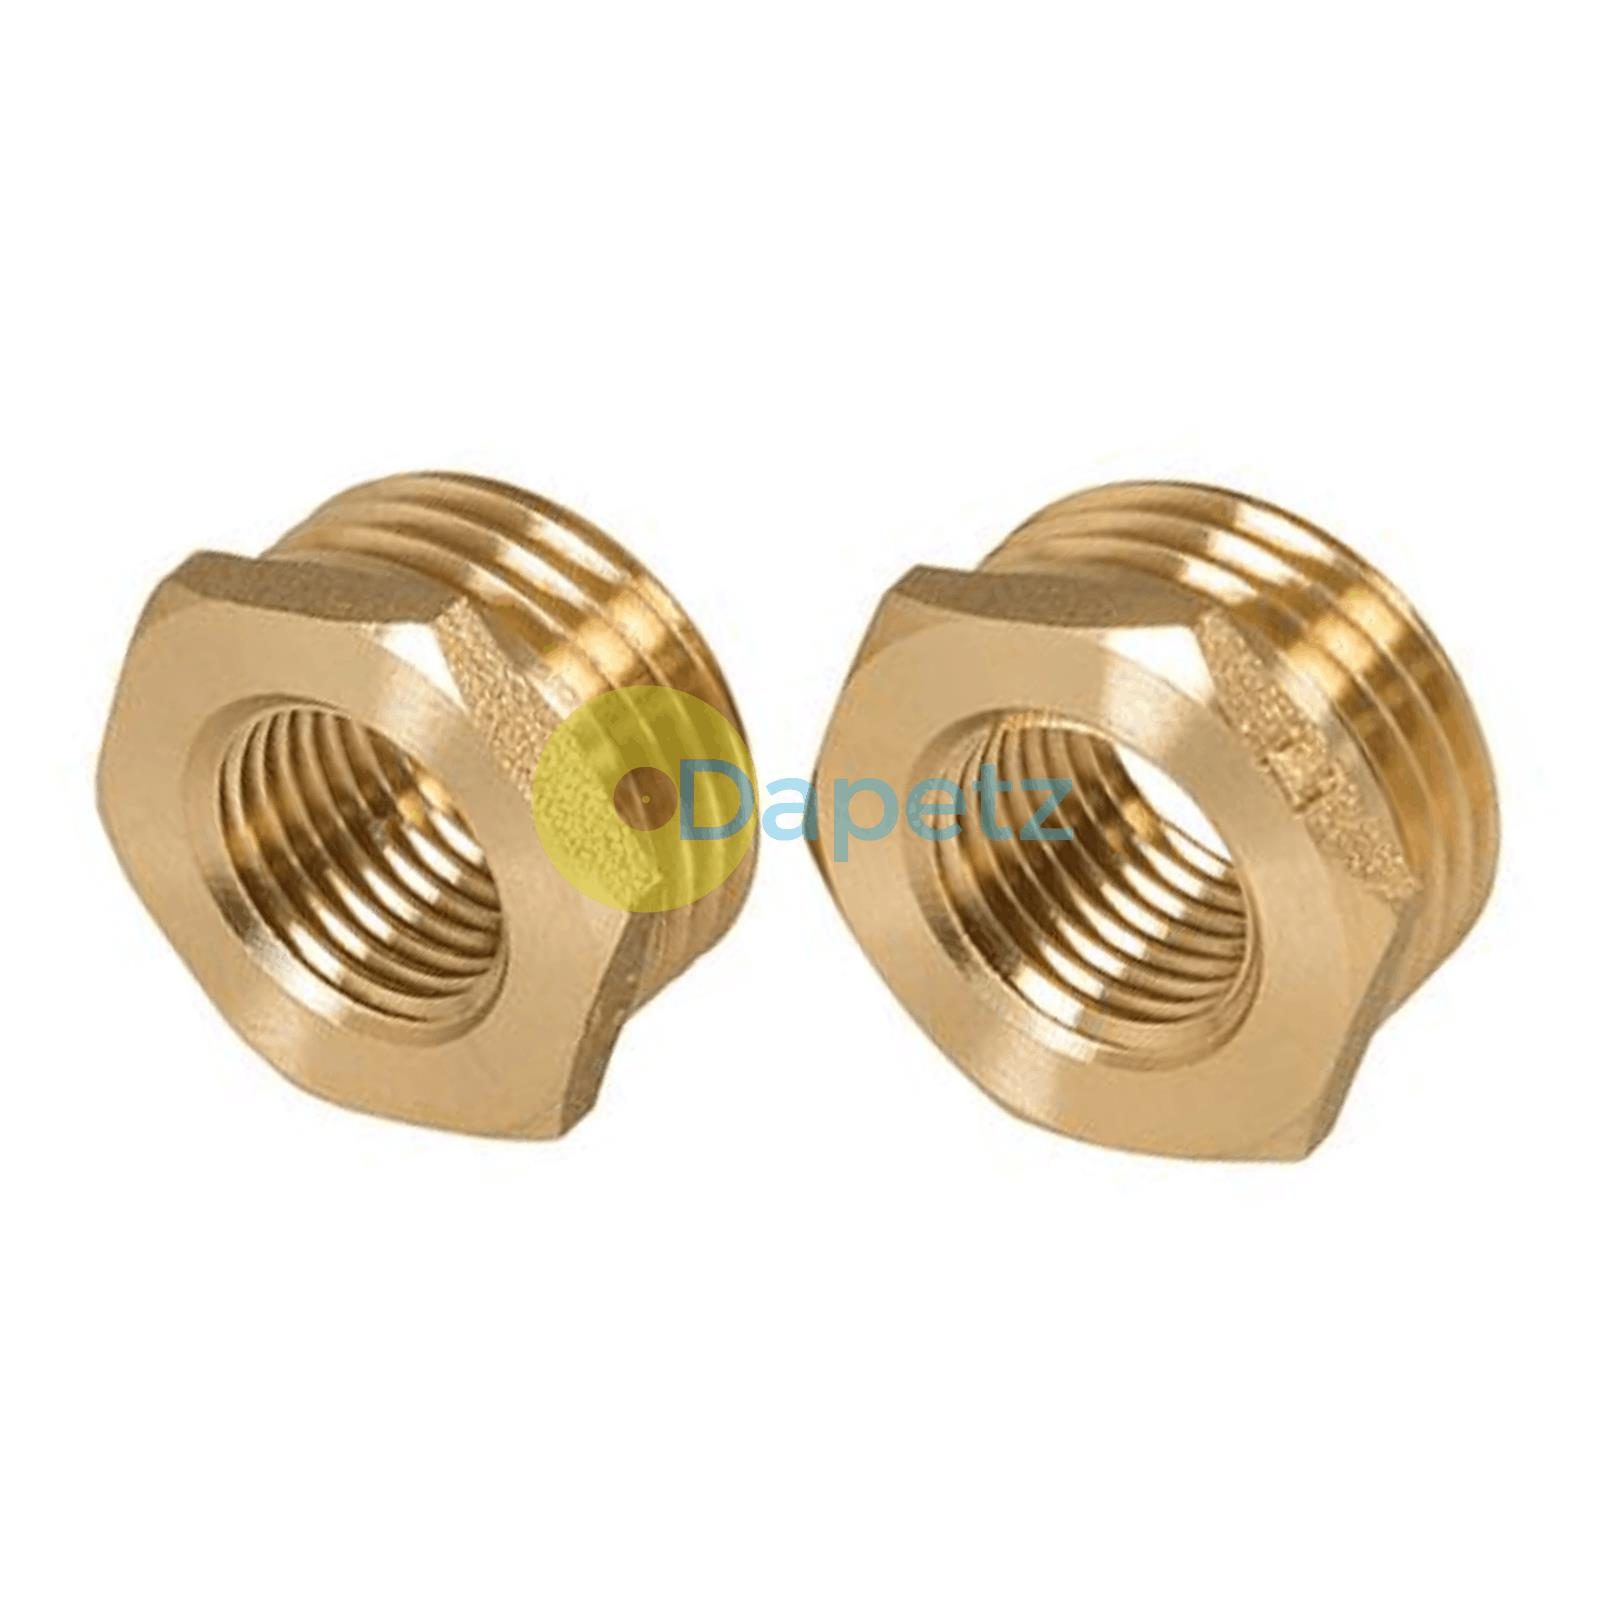 Brass-Reducing-Hexagone-Bush-BSP-Male-a-Femelle-Adaptateur-Connecteur-WRAS-approuves miniature 15